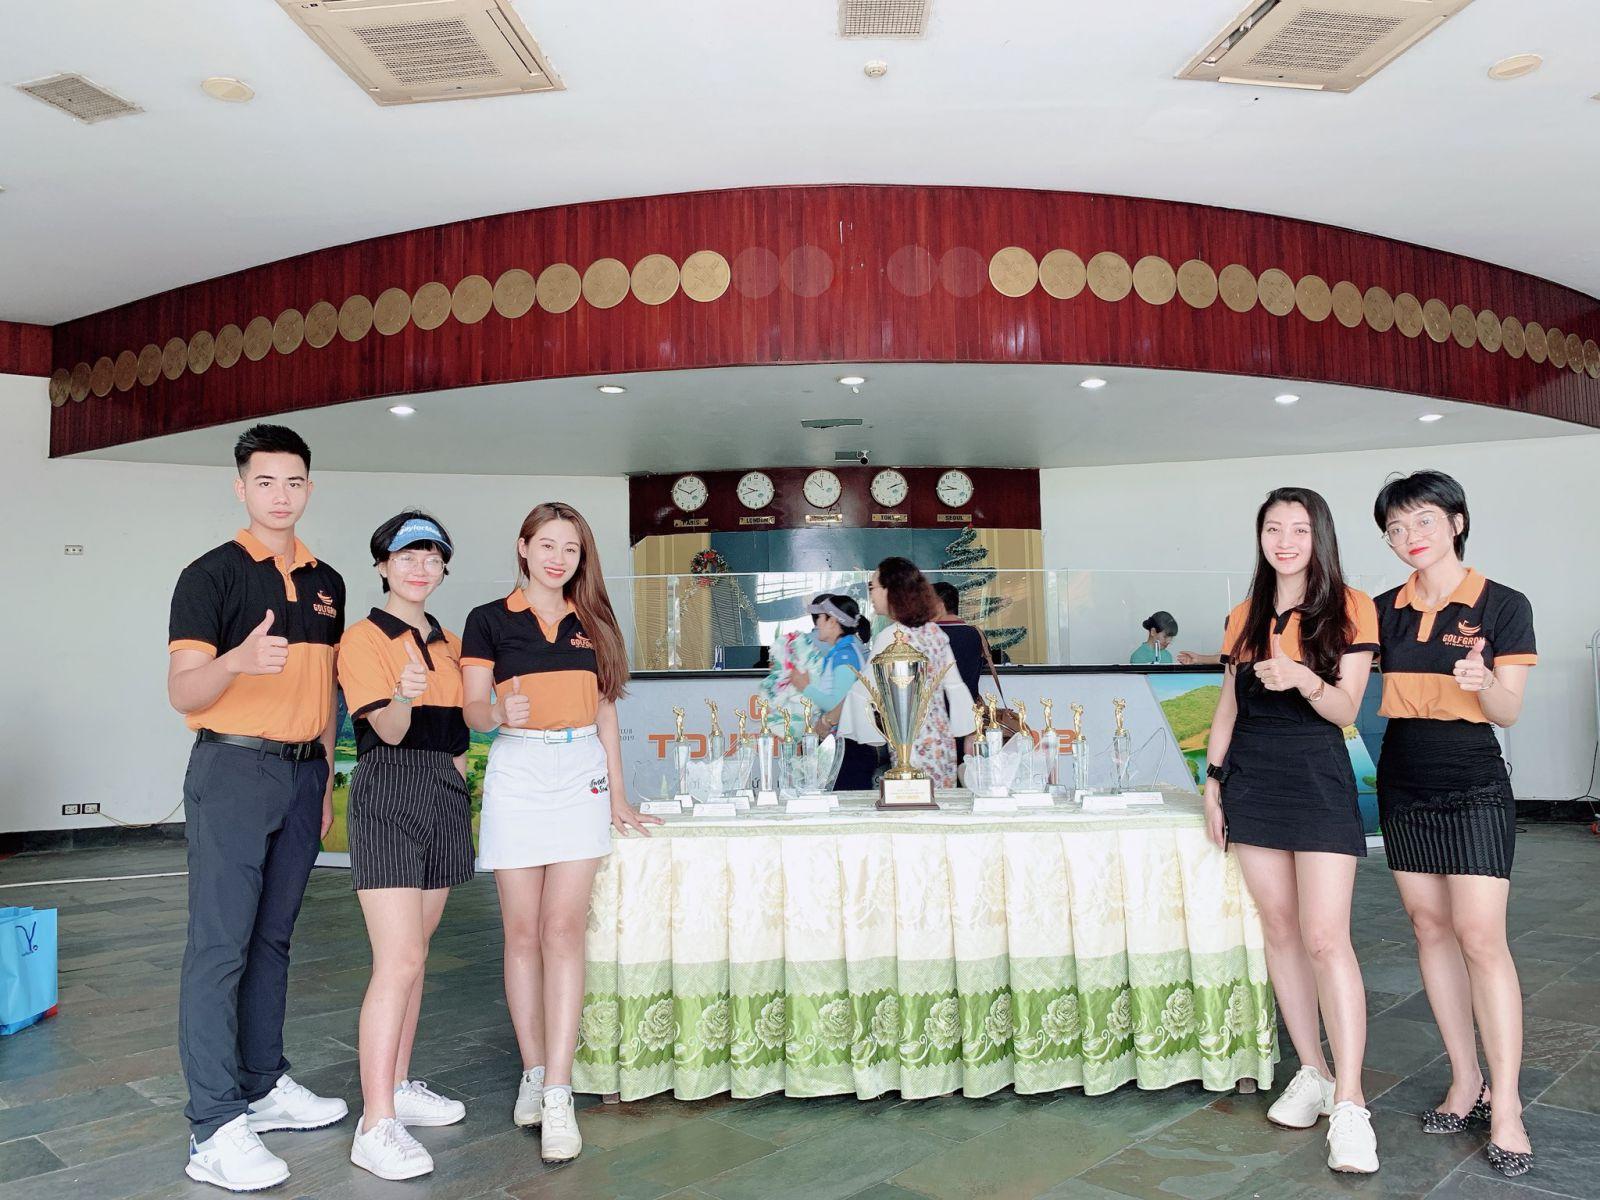 Golfgroup đồng hành cùng CLB Vietinbank – Khu vực Phía Bắc tại sân golf Chí Linh